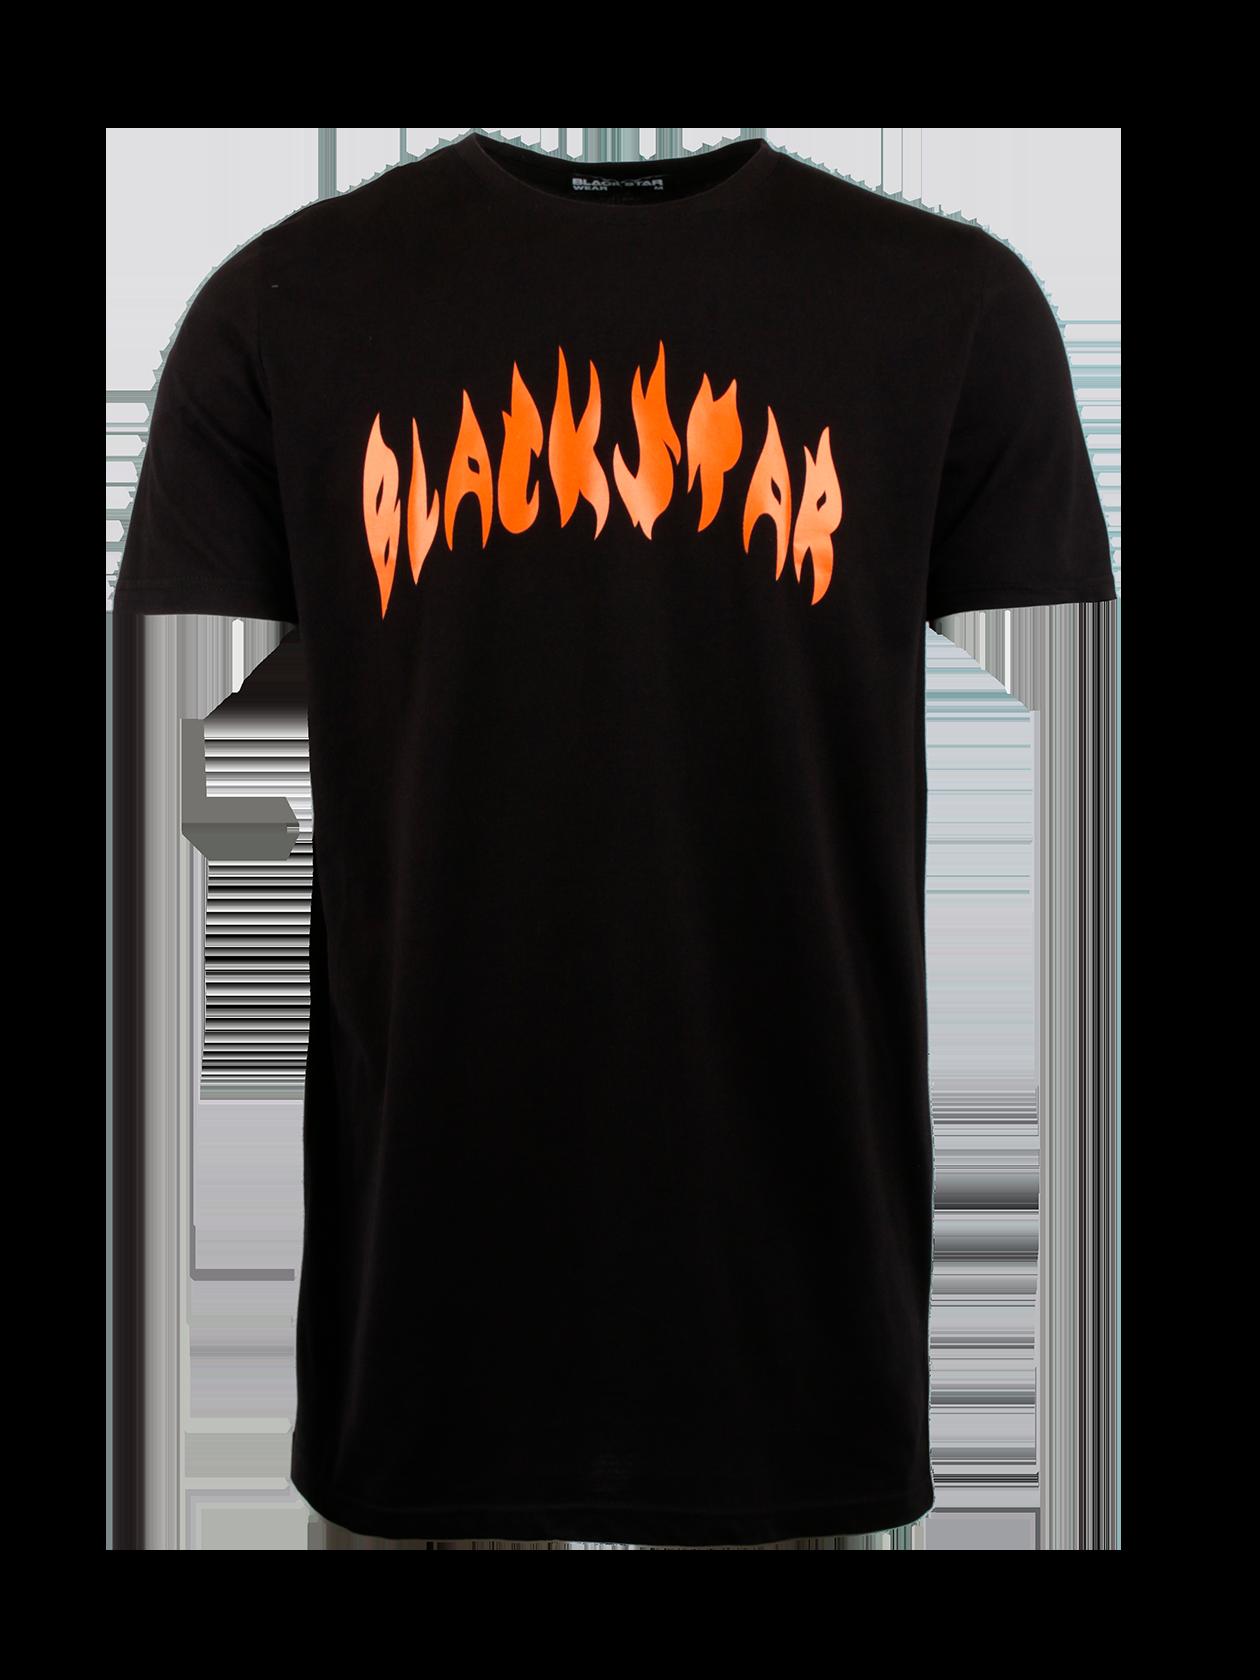 Футболка мужская FIRE FLAMEСтильная футболка мужская Fire Flame из уникальной коллекции Orange Flame для ярких и активных молодых людей. Модель выполнена в традиционной черной расцветке, дополнена «огненной» надписью Black Star с фронтальной стороны. Дизайн модели воплощает в себе энергию, силу, свойственную современным людям. Крой изделия прямой, удлиненный, рукав свободный короткий, узкая эластичная горловина. Особенностью футболки является материал – натуральный хлопок, изготовленный по секретной технологии. За счет этого вещь обладает практичностью, долго носится.<br><br>Размер: XL<br>Цвет: Черный<br>Пол: Мужской